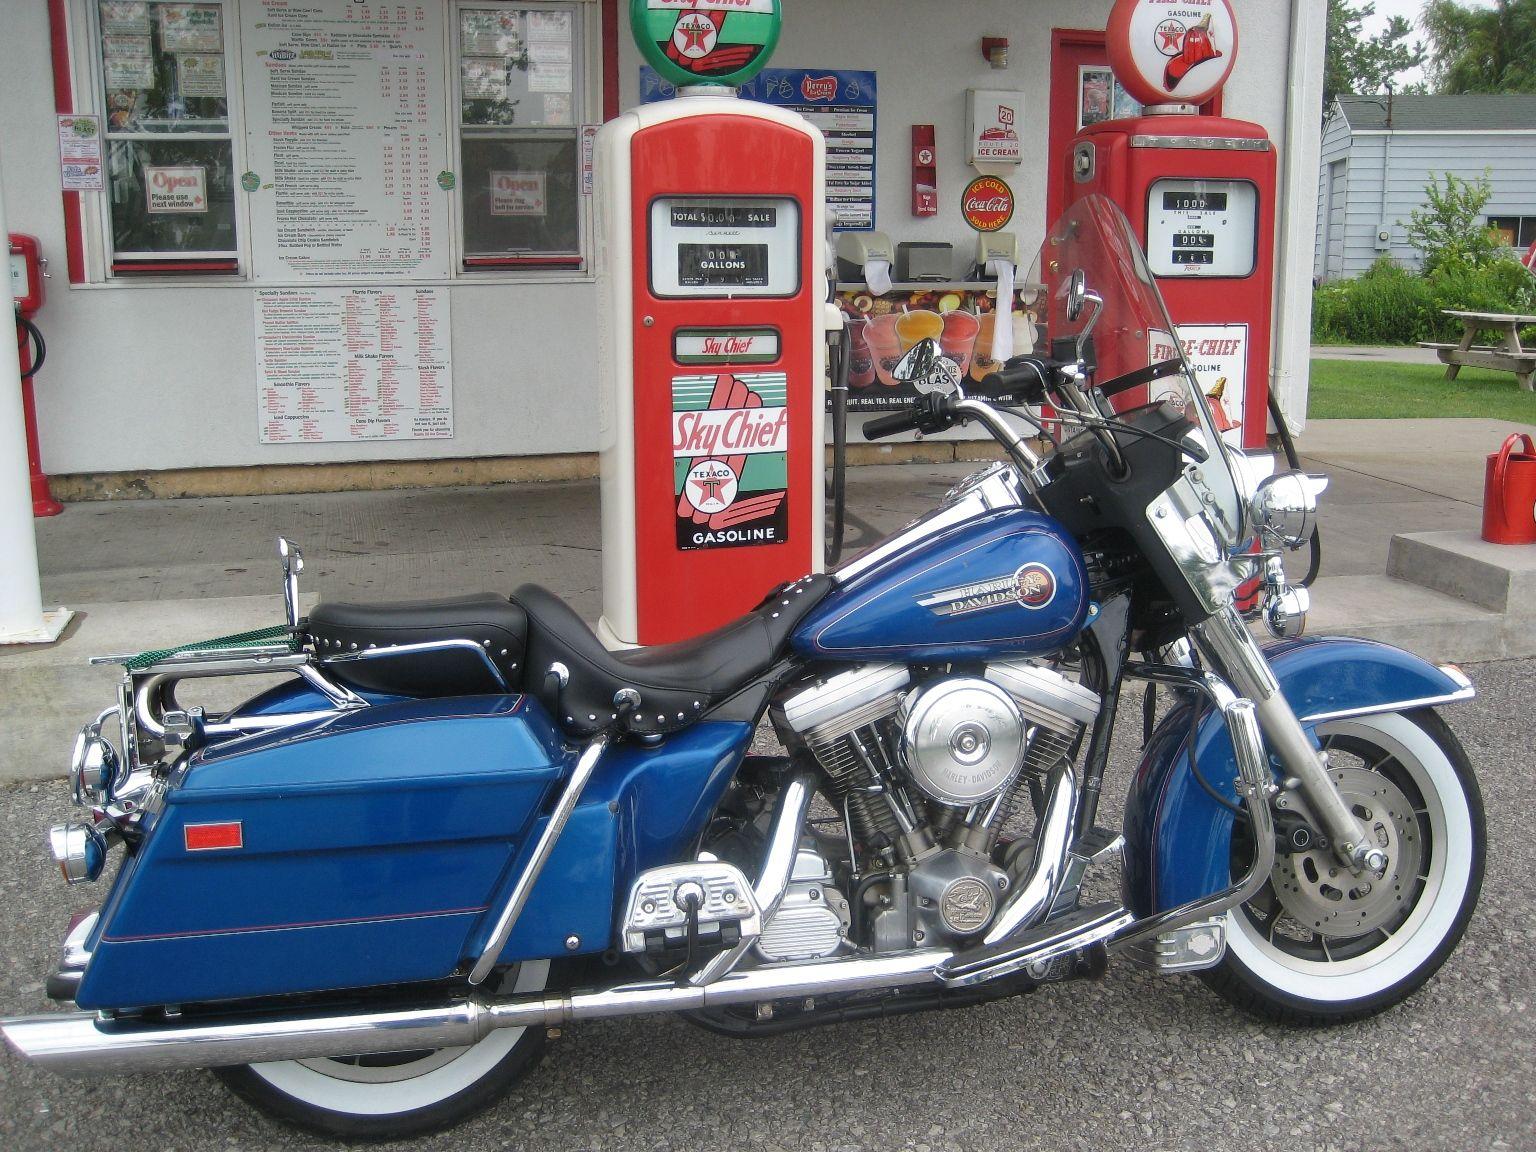 1992 Harley Davidson FLHS Electra Glide Sport